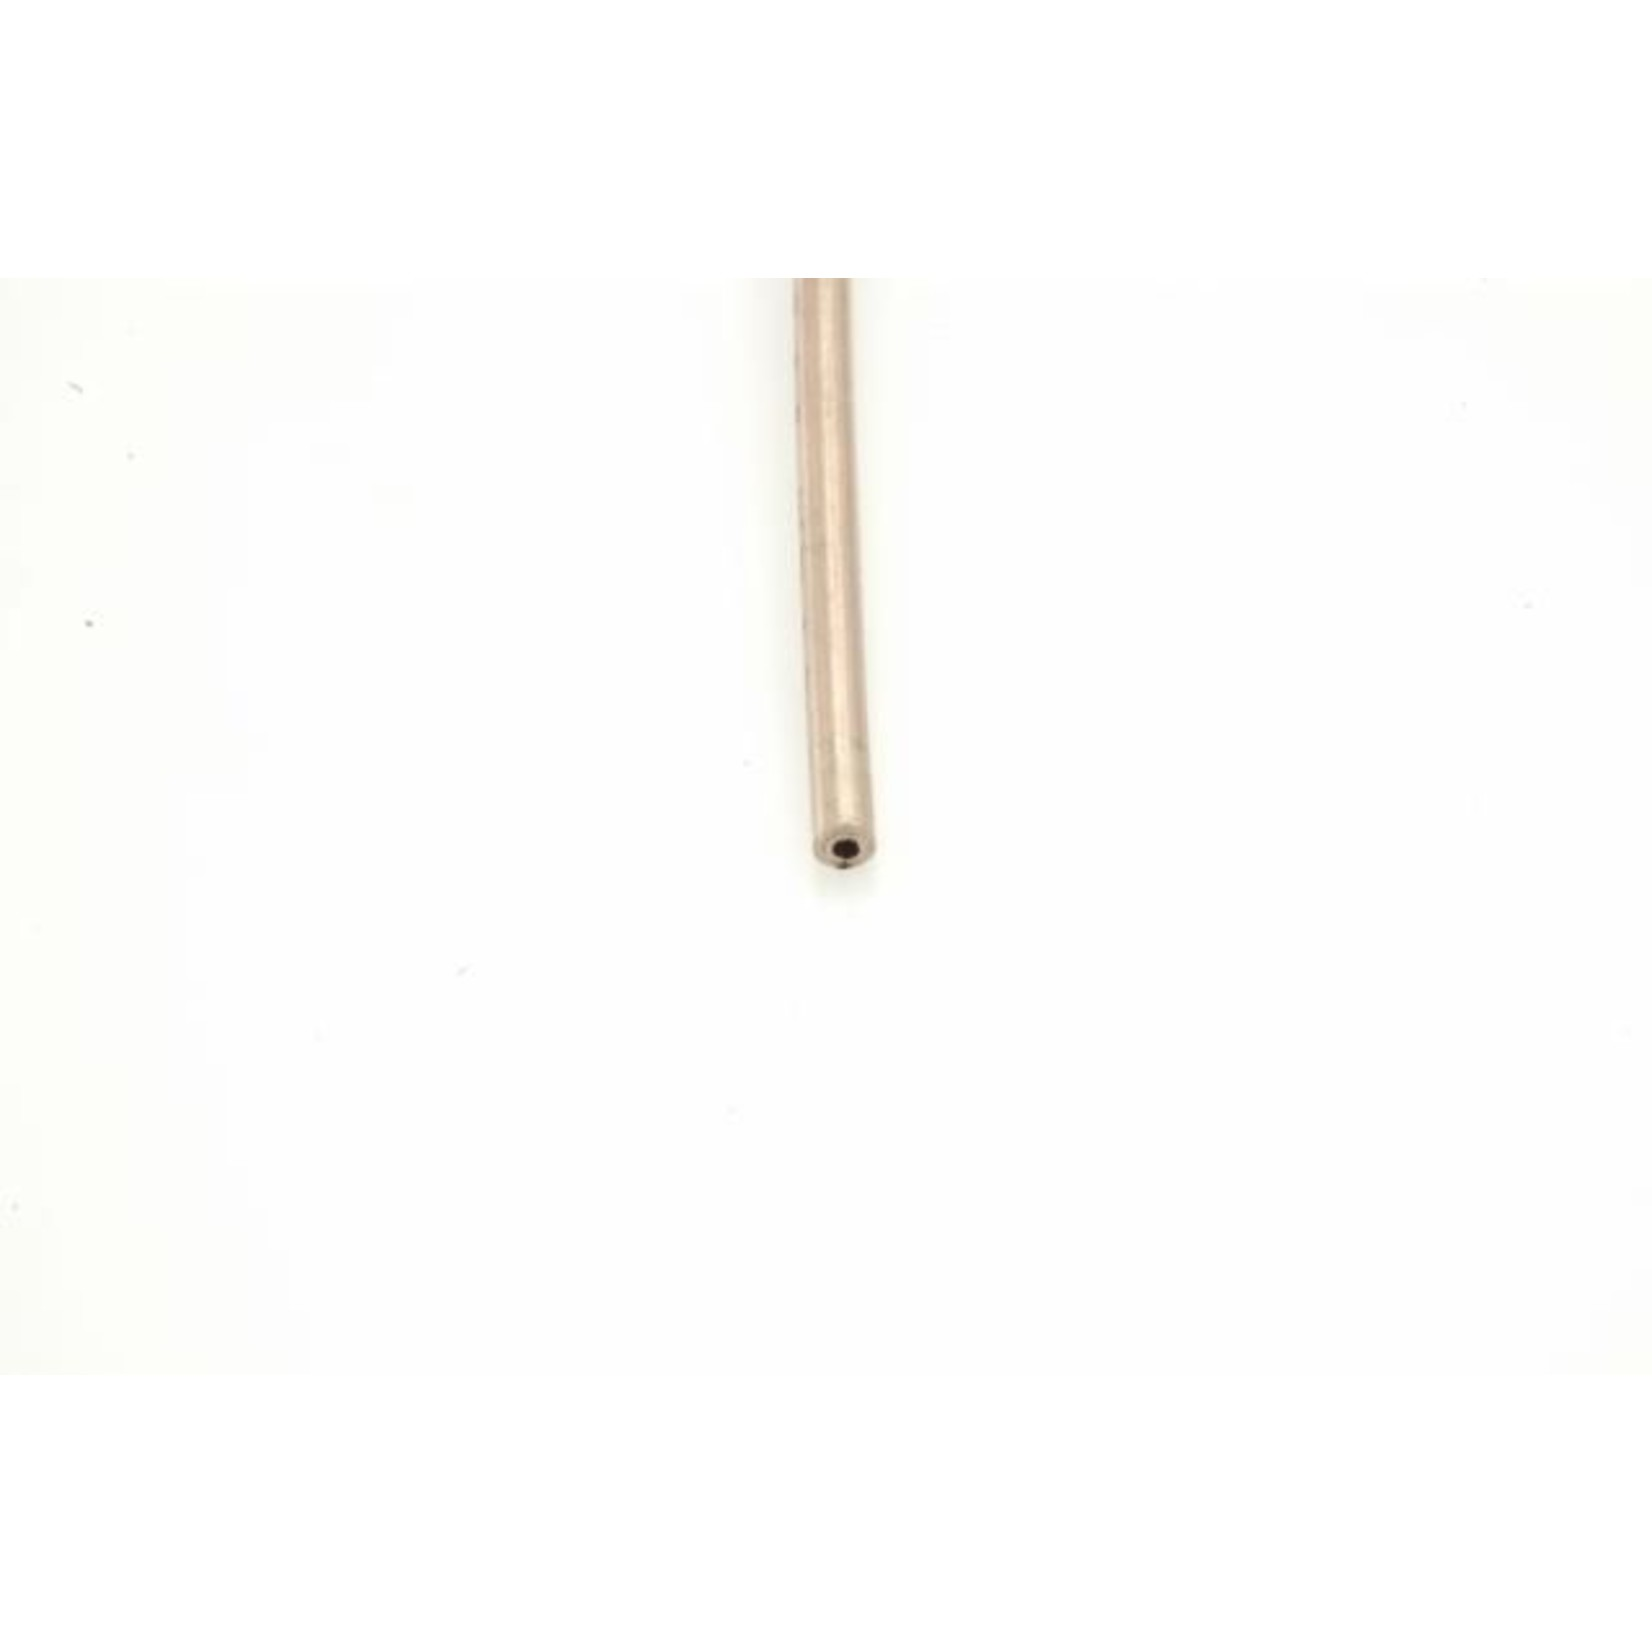 Hydraulic tube 3,5mm